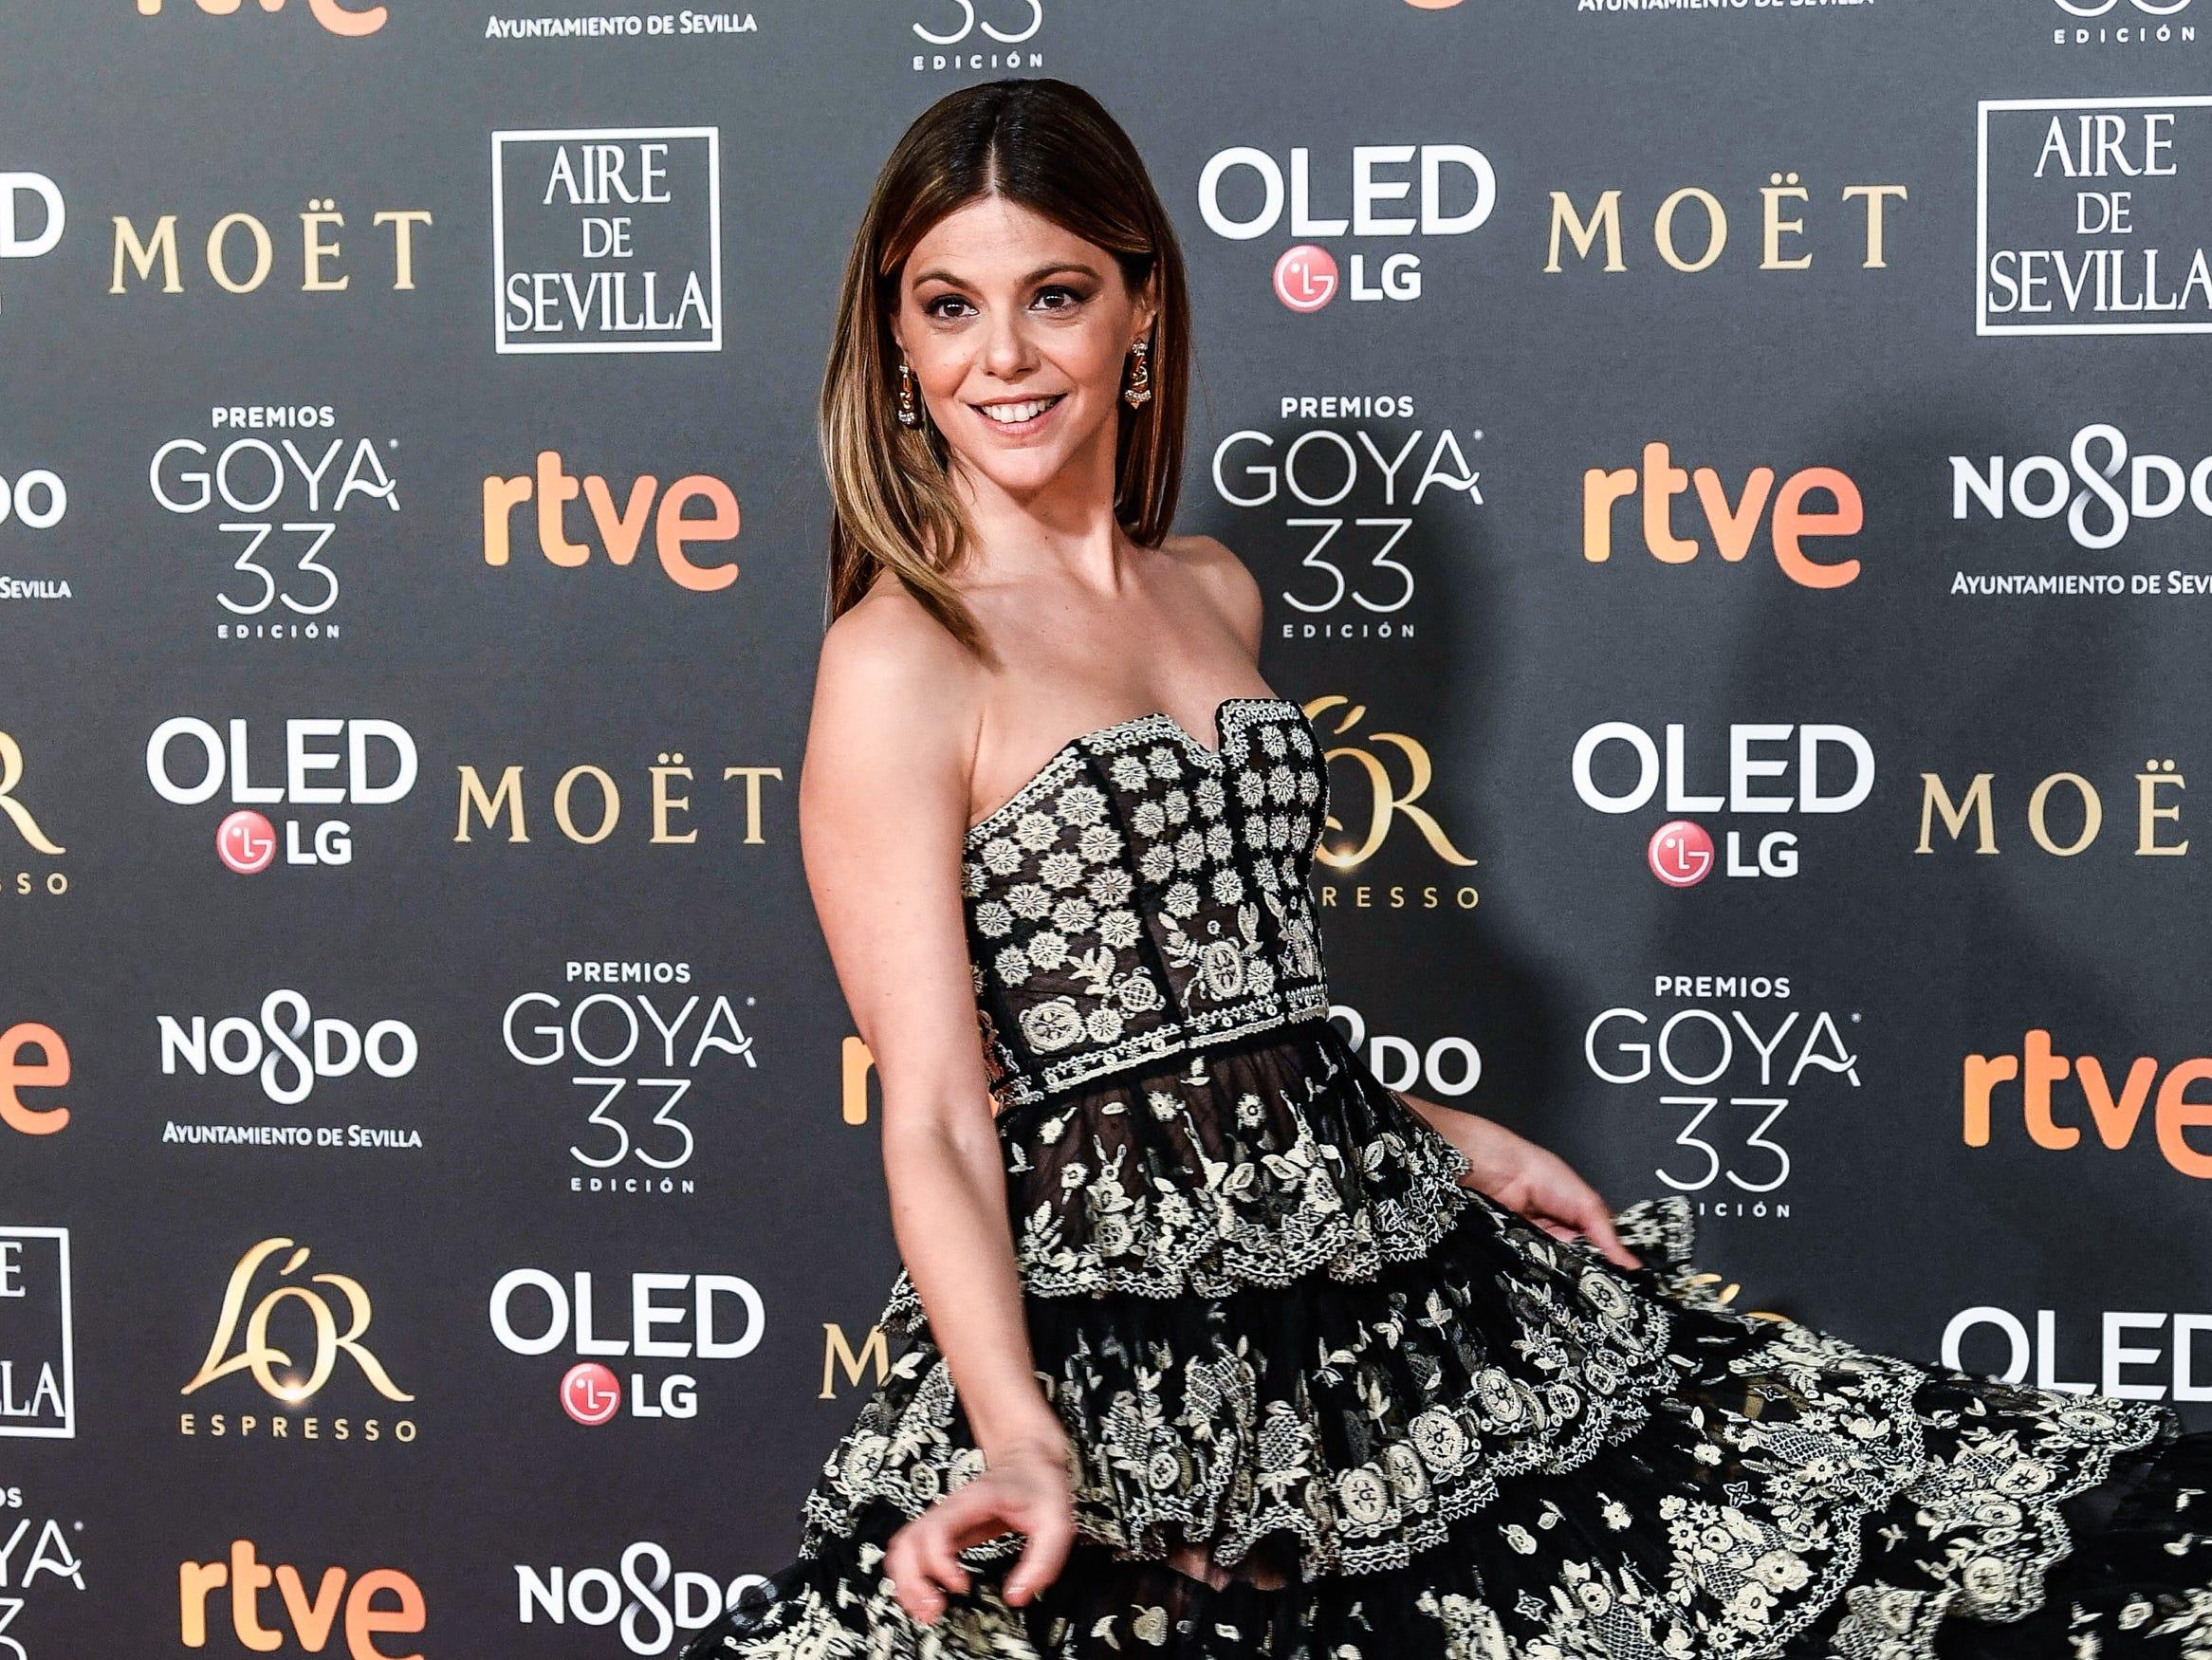 Manuela Velasco asiste a la 33ª edición de los Premios de Cine Goya en el Palacio de Congresos y Exposiciones FIBES el 2 de febrero de 2019 en Sevilla, España.